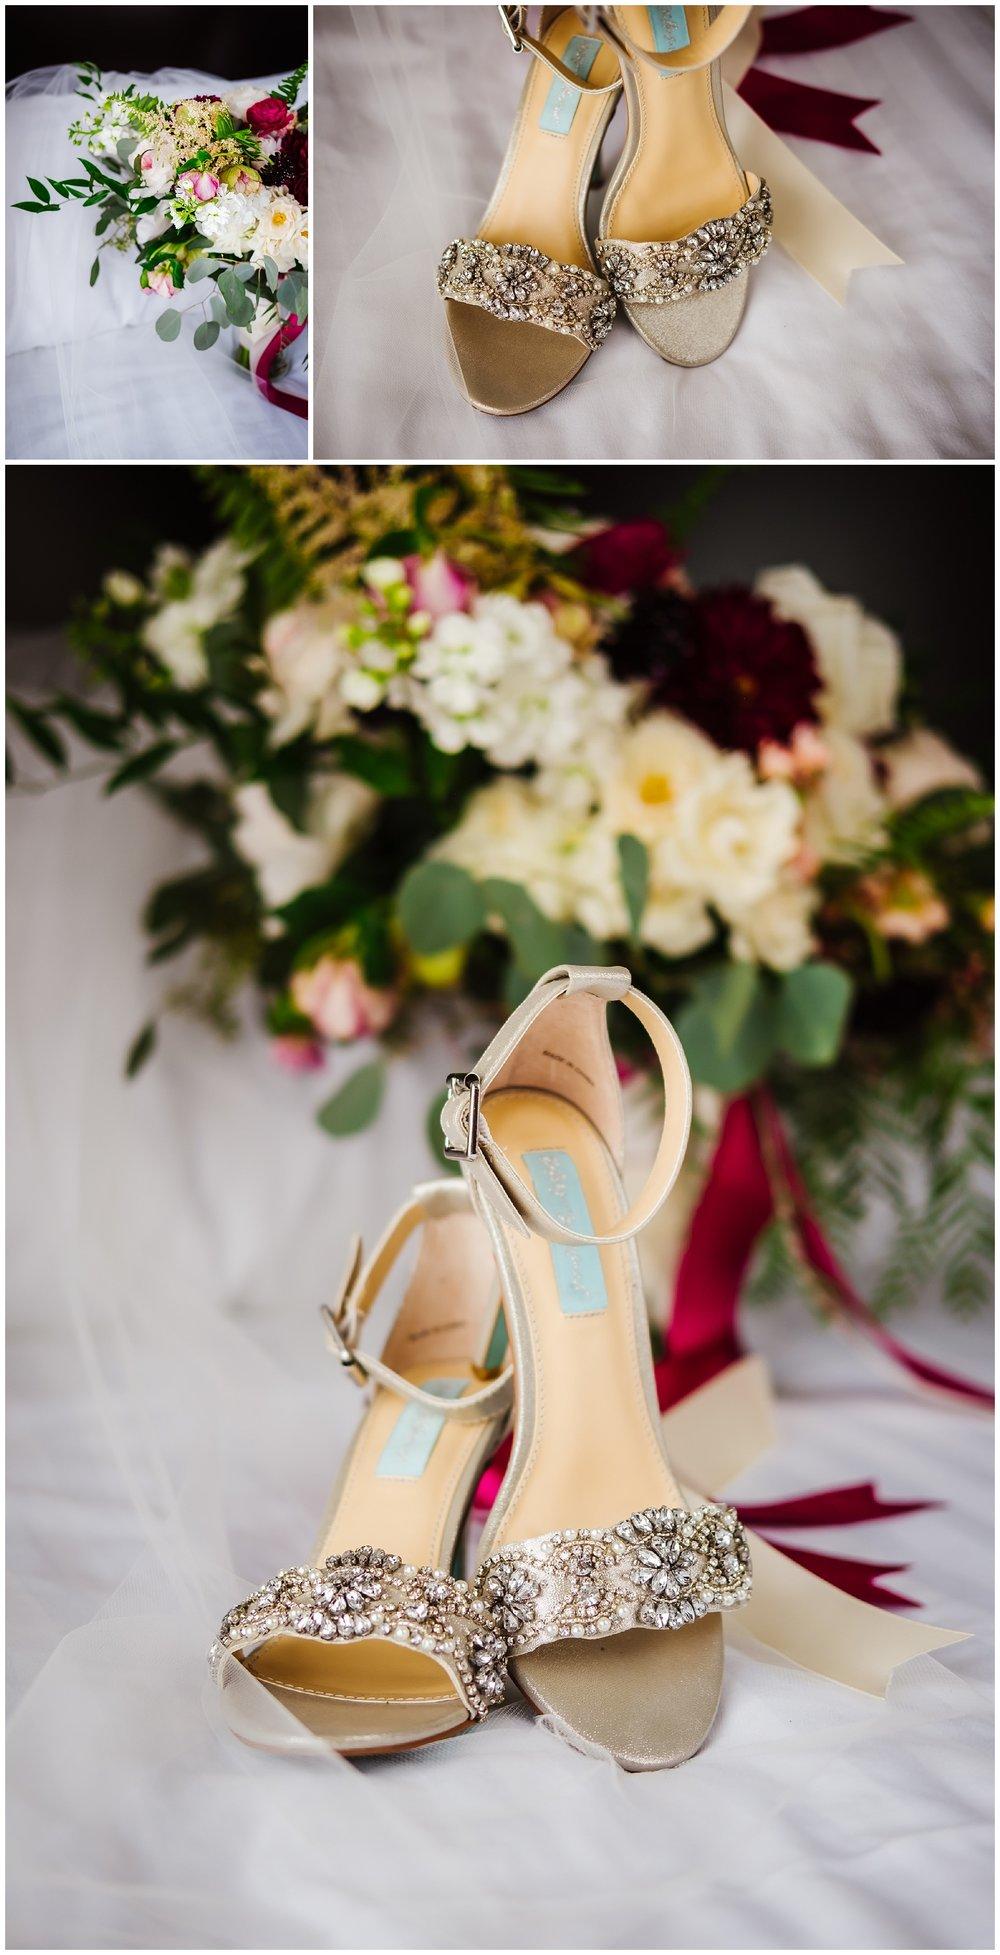 tampa-wedding-photographer-philipino-colorful-woods-ballroom-church-mass_0004.jpg